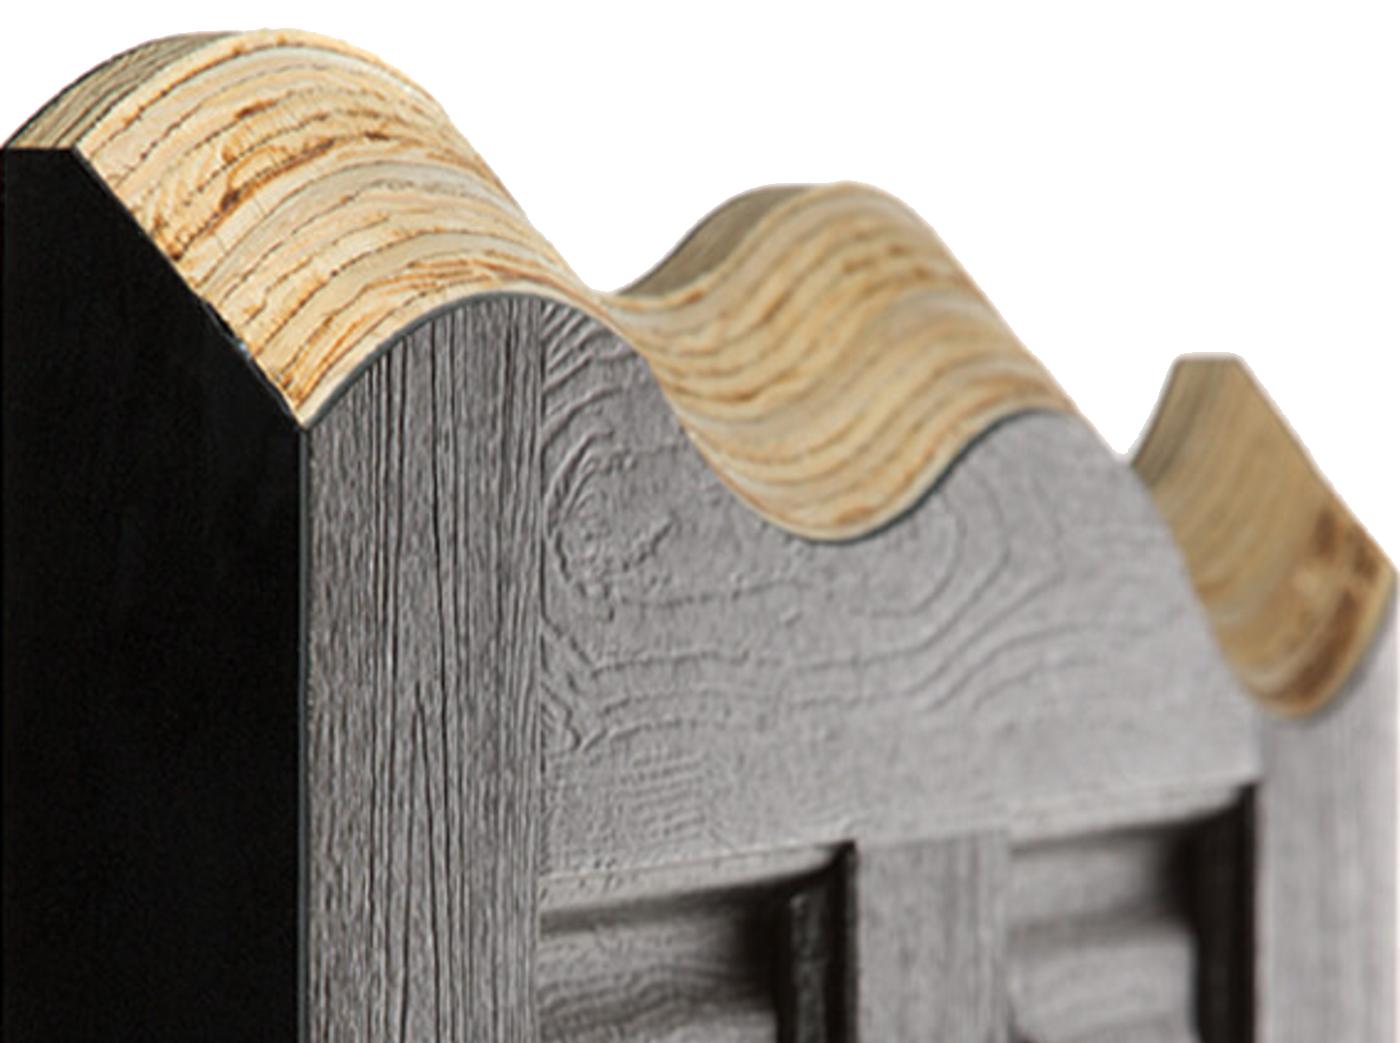 Solid timber core of door